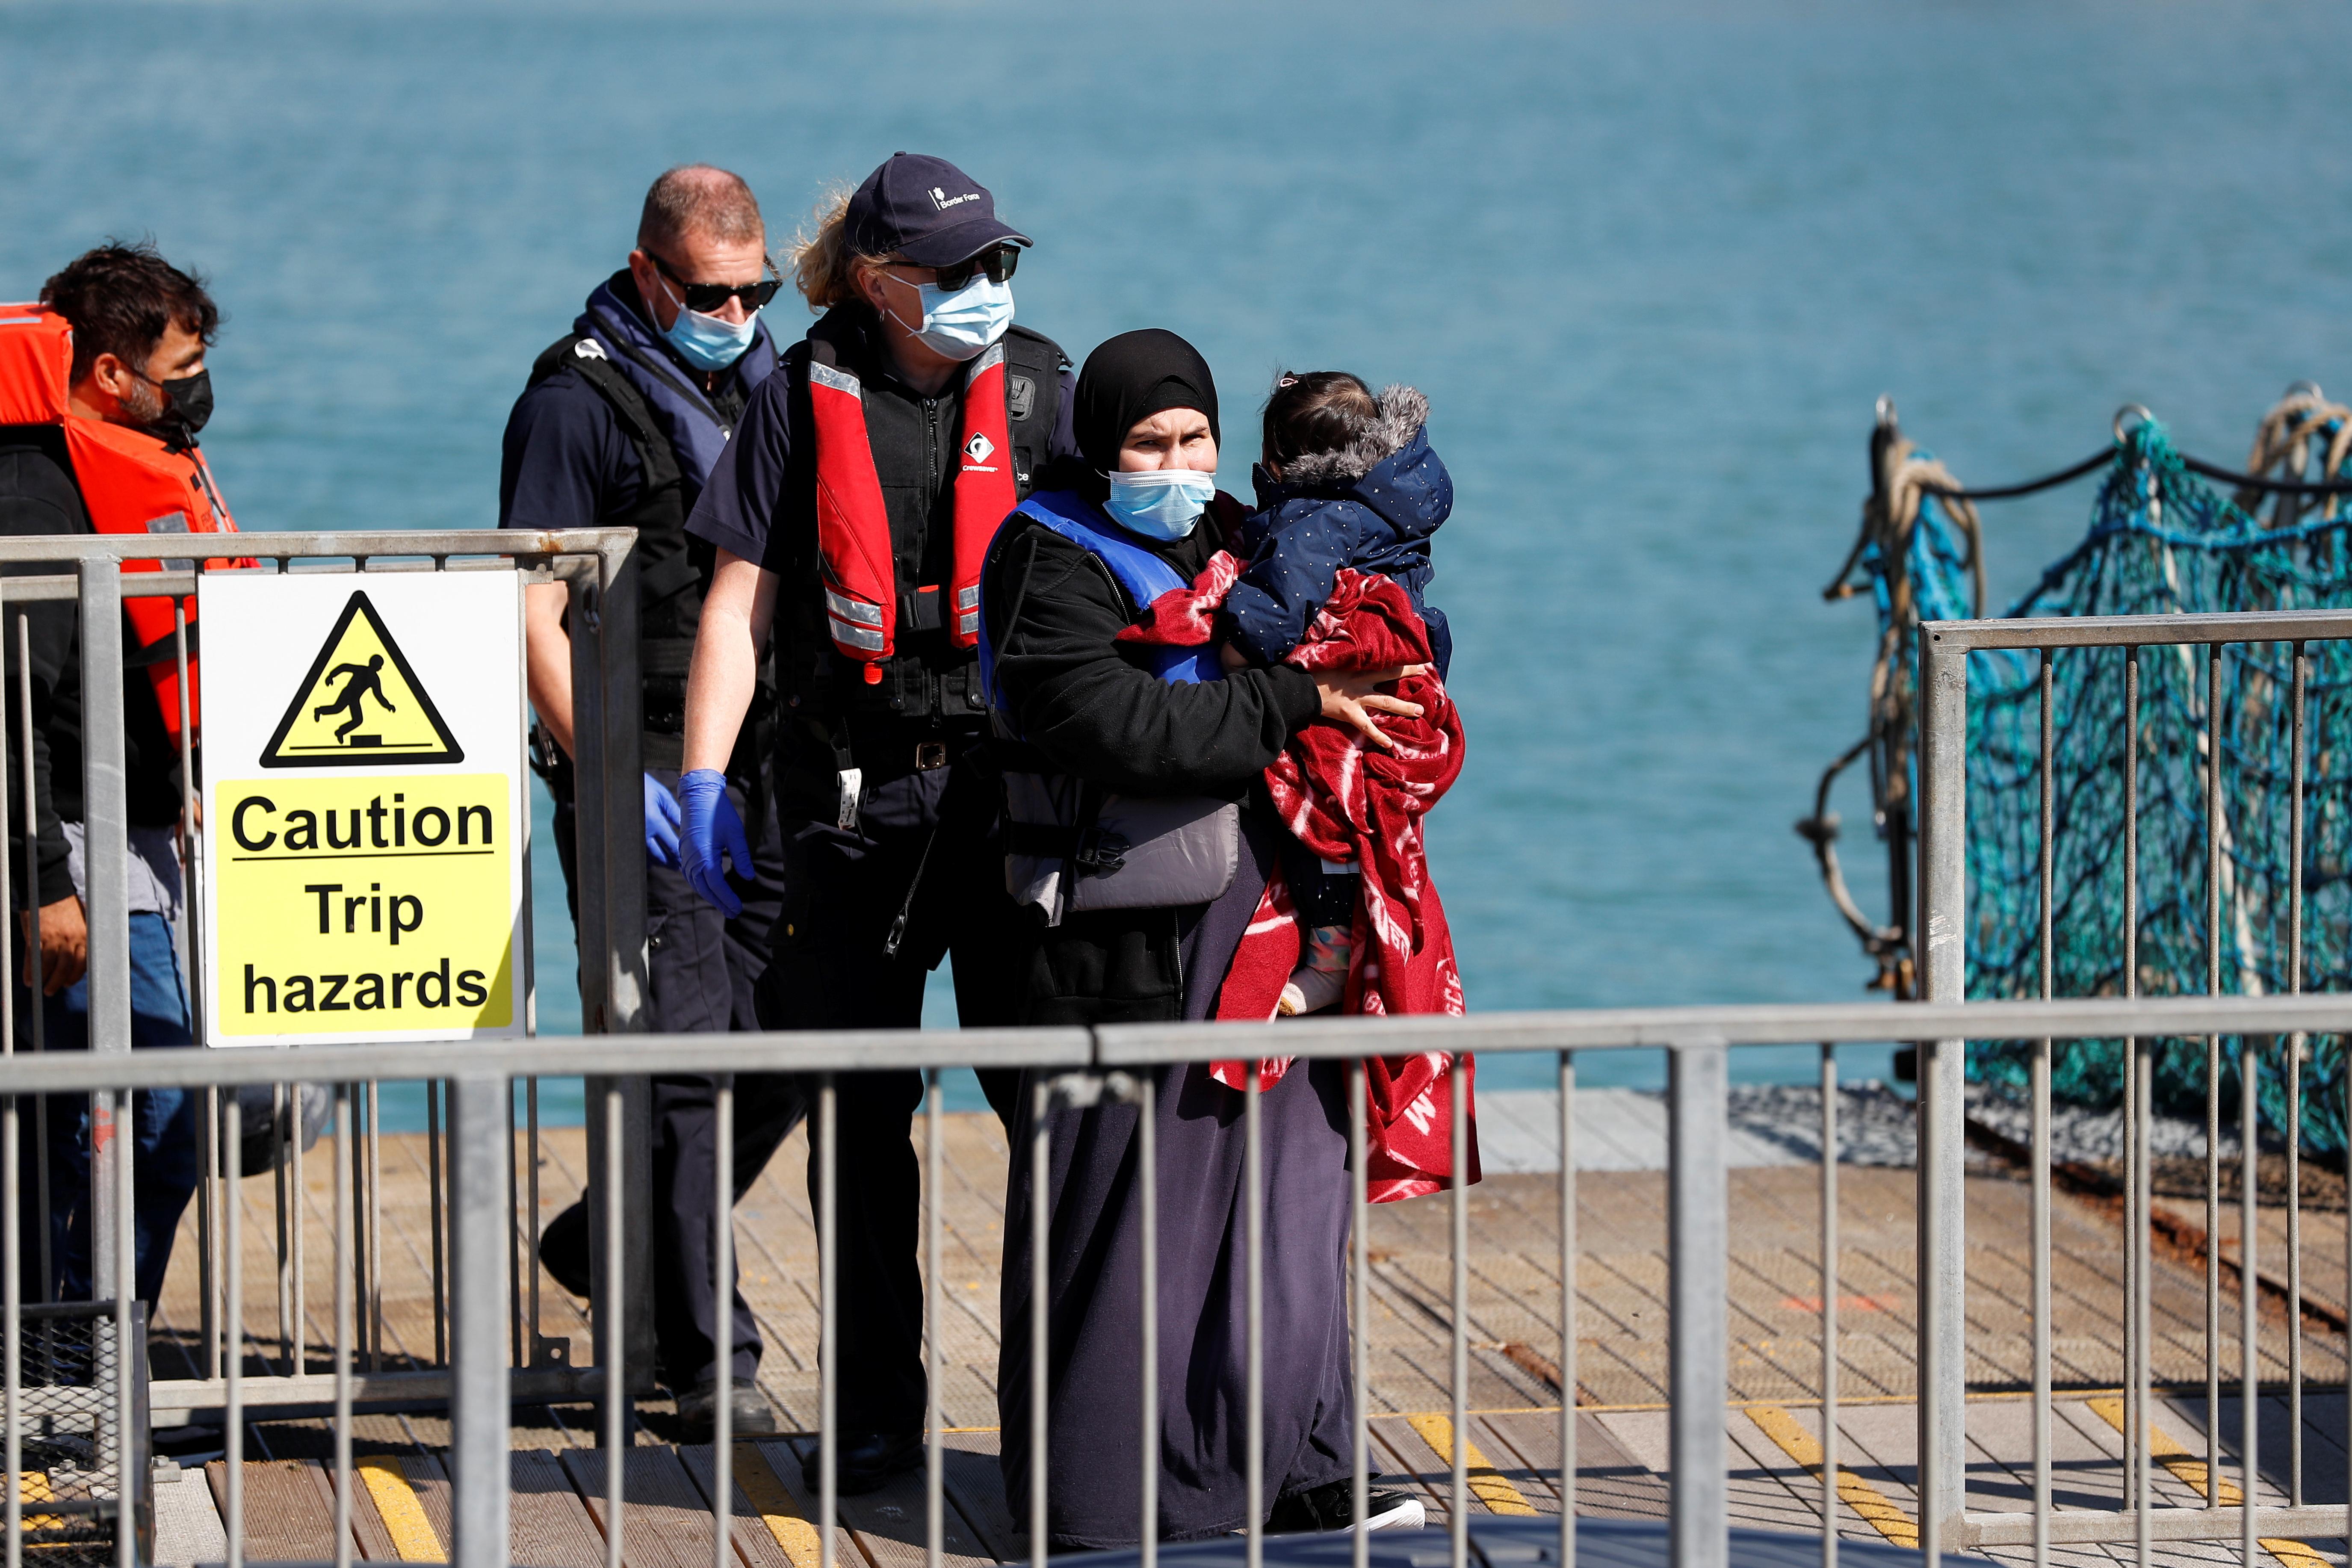 İngilis Kanalından xilas edilən bir miqrant, 8 sentyabr 2021 -ci ildə İngiltərənin Dover şəhərində bir uşağı tutaraq gəzir. REUTERS/Peter Nicholls